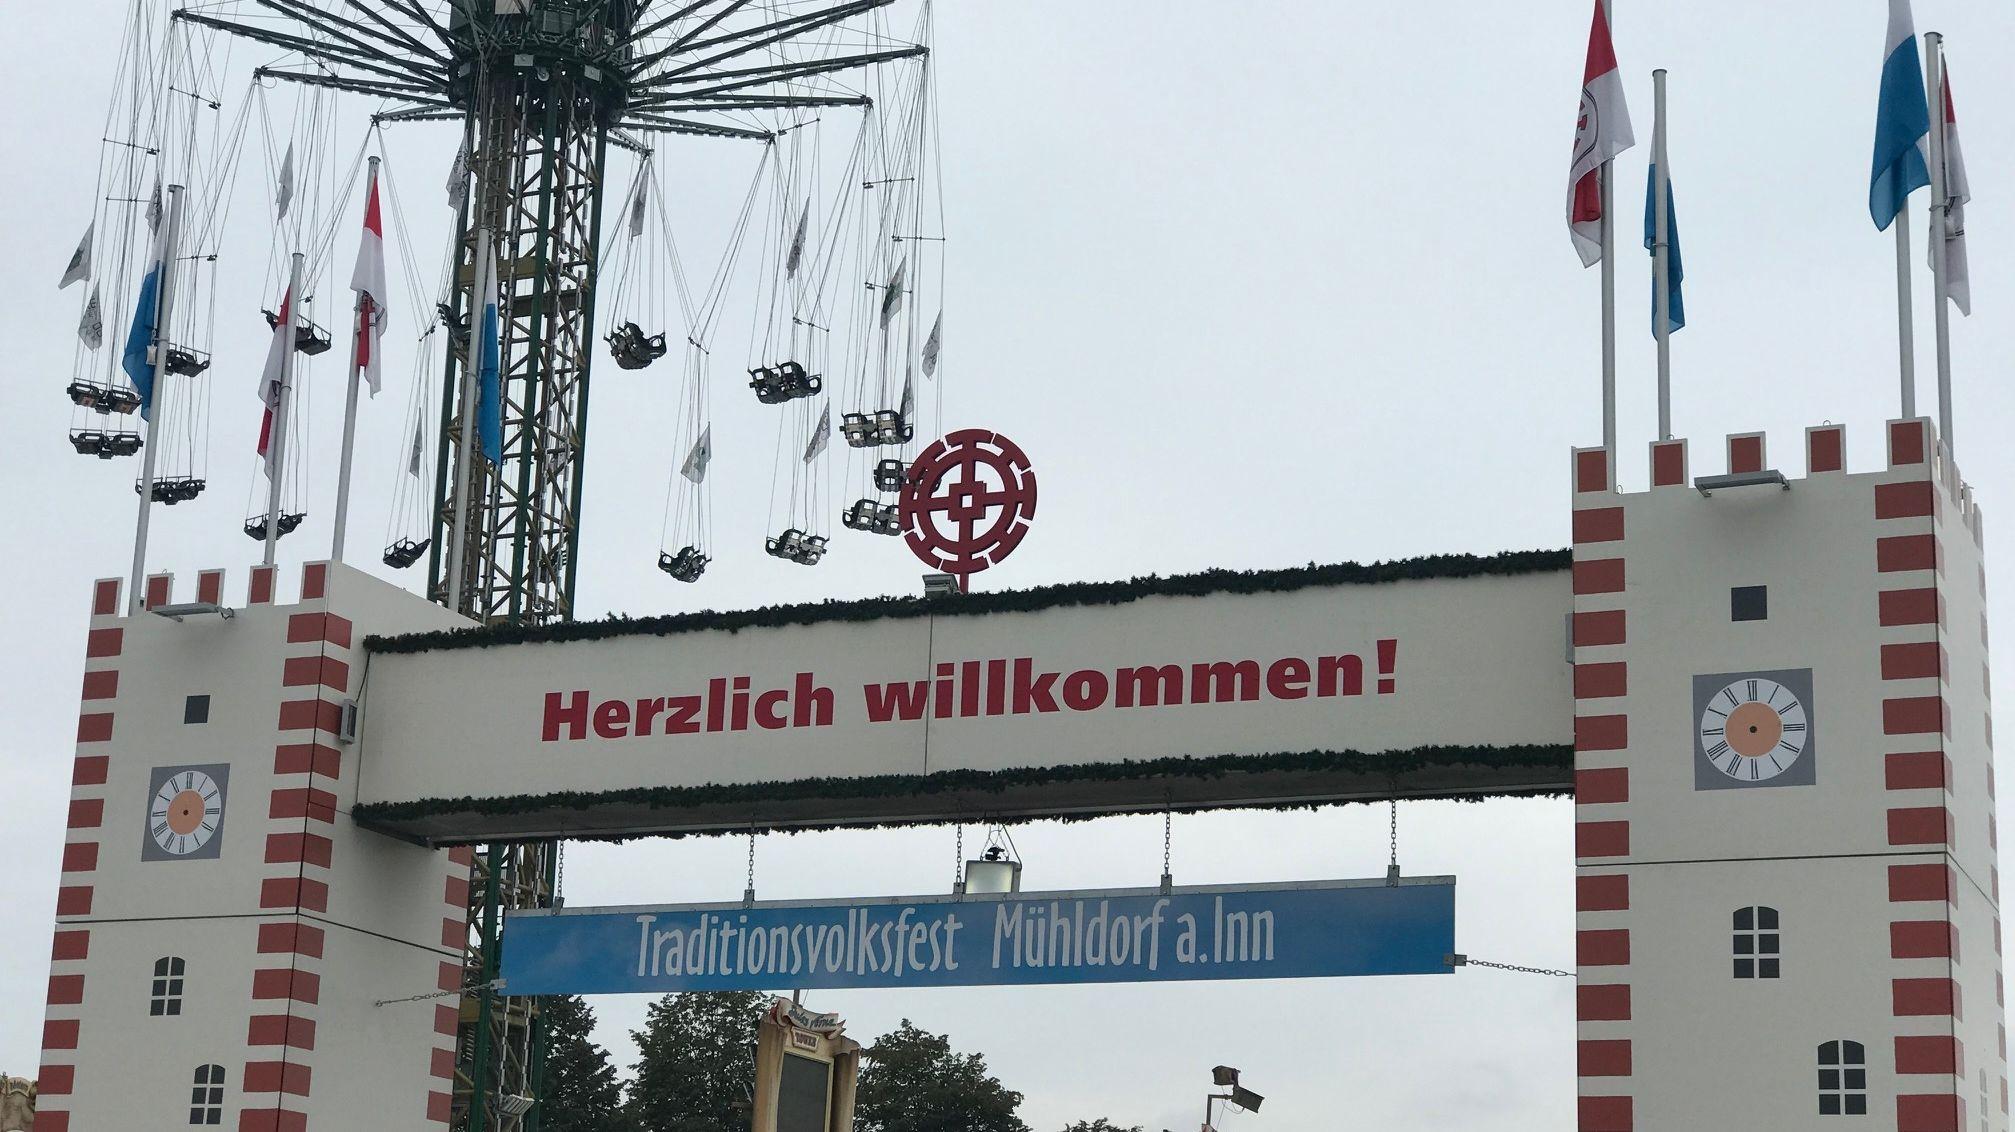 Das Traditionsvolksfest Mühldorf